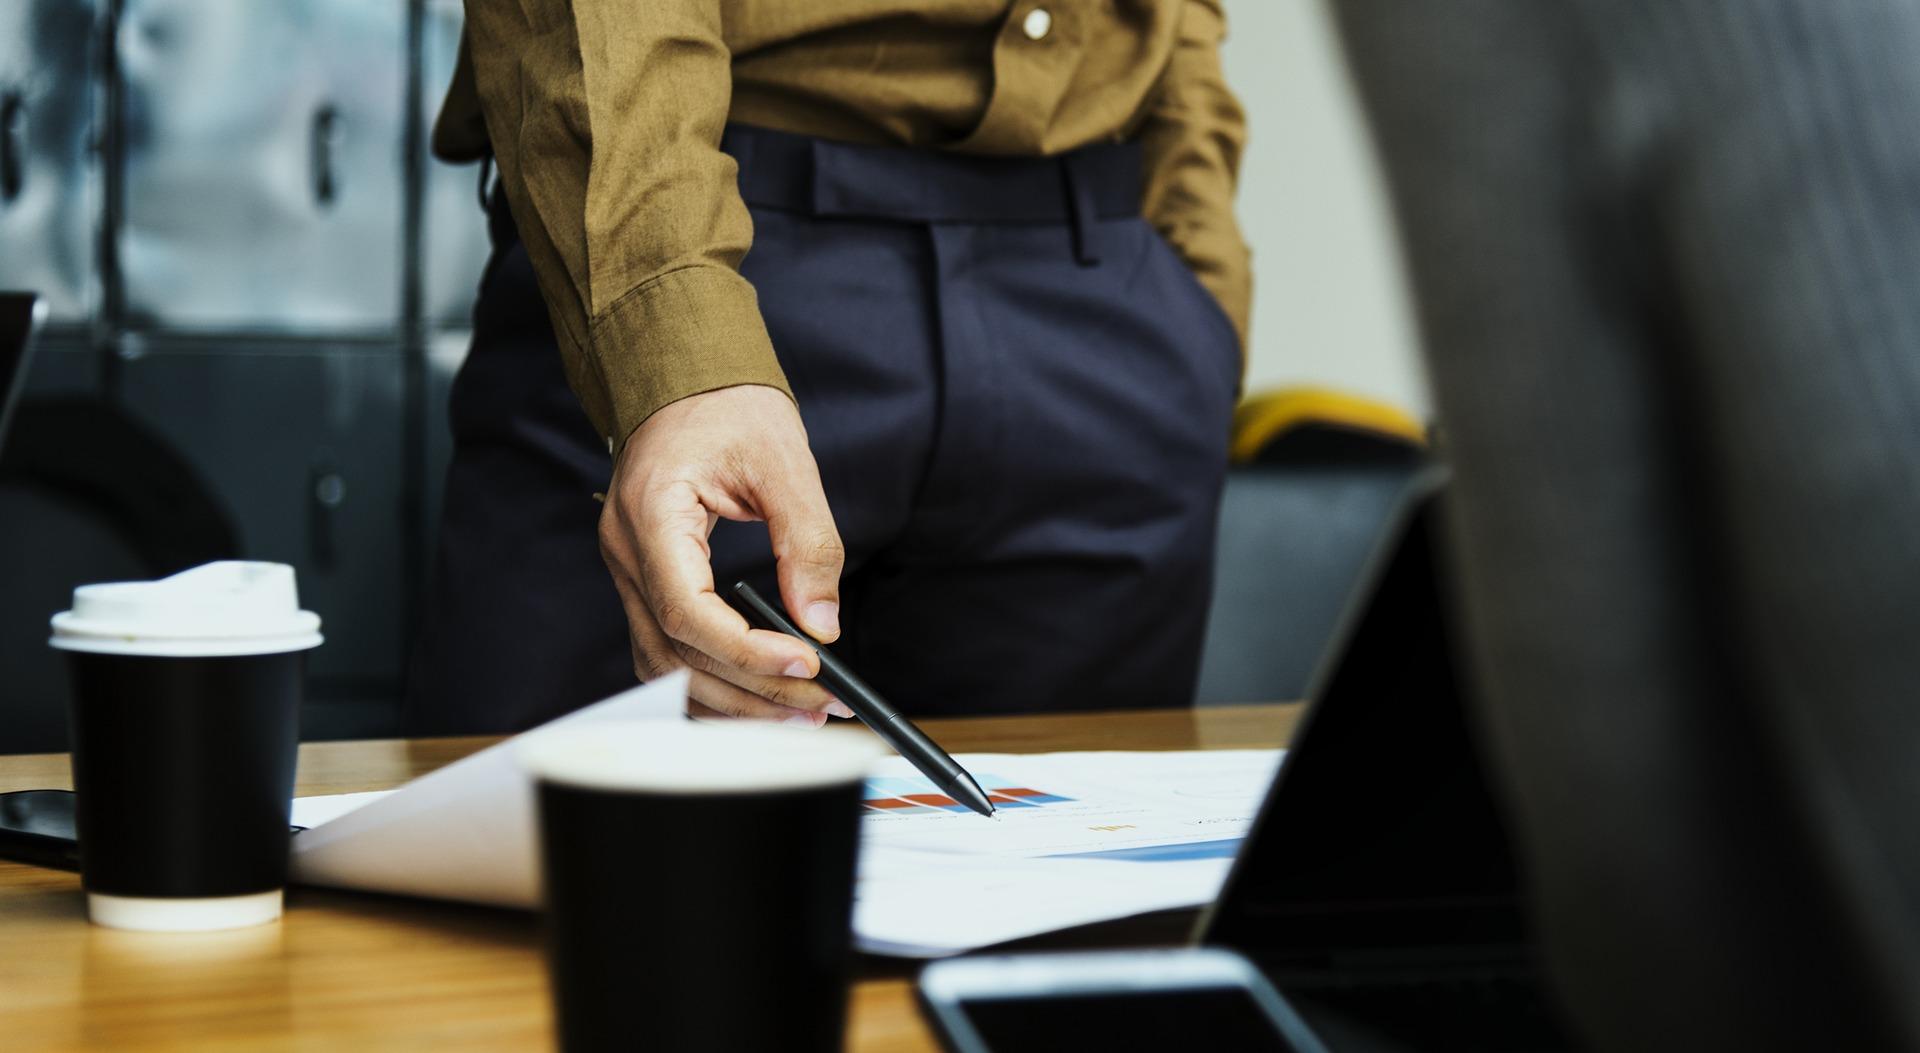 Pozorno poslušajte šefova navodila in jih upoštevajte pri delu.